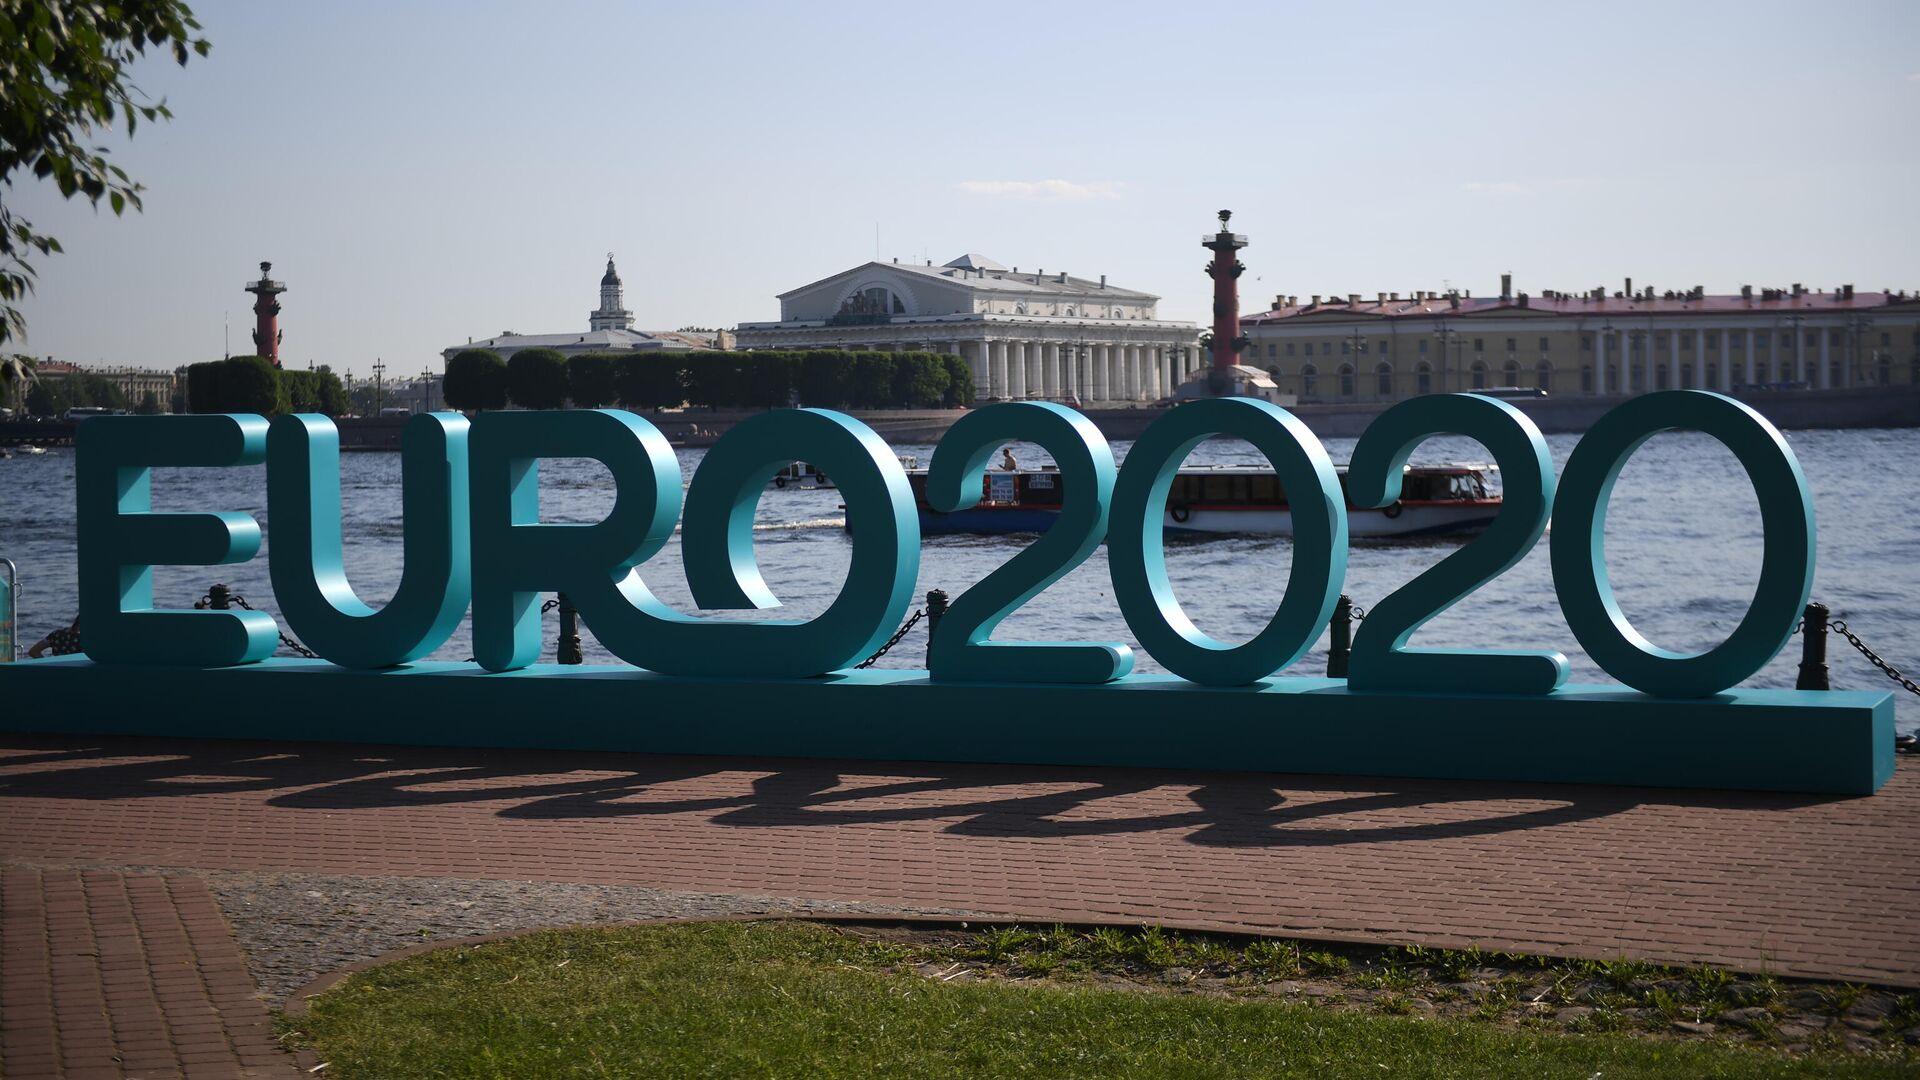 Открытие парка футбола Евро-2020 в Санкт-Петербурге  - РИА Новости, 1920, 08.09.2020